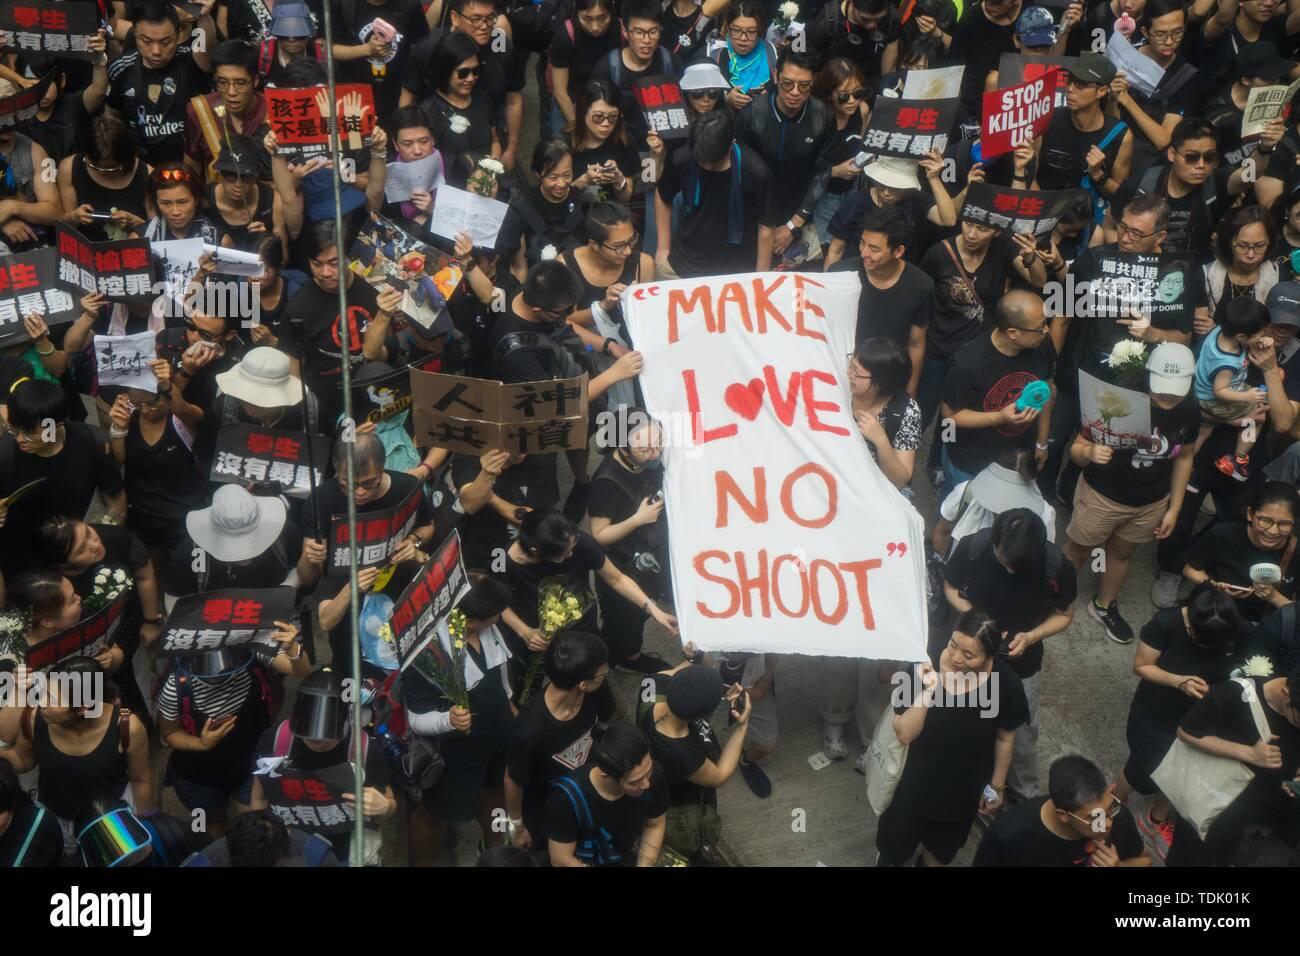 """Die Demonstranten marschierten durch die Straßen von Hong Kong holding Banner während der Messe Rallye, die unter anderem für Forderungen, die Rücknahme der umstrittenen Auslieferung Bill und den Rücktritt des Vorstandsvorsitzenden Carrie Lam genannt. Die Banner, erklärte, dass """"die Menschen und Götter wütend waren' und 'make Love, Keine (Keine) schießen. Trotz versuchen, den Chief Executive Carrie Lam der Spannungen durch die Vereinbarung den umstrittenen Entwurf auszusetzen, in der Nähe von 2 Millionen Menschen in den Sonntag Rallye teilgenommen zu erleichtern, so die Veranstalter. Die Demonstranten forderten die Rücknahme der controvers Stockbild"""